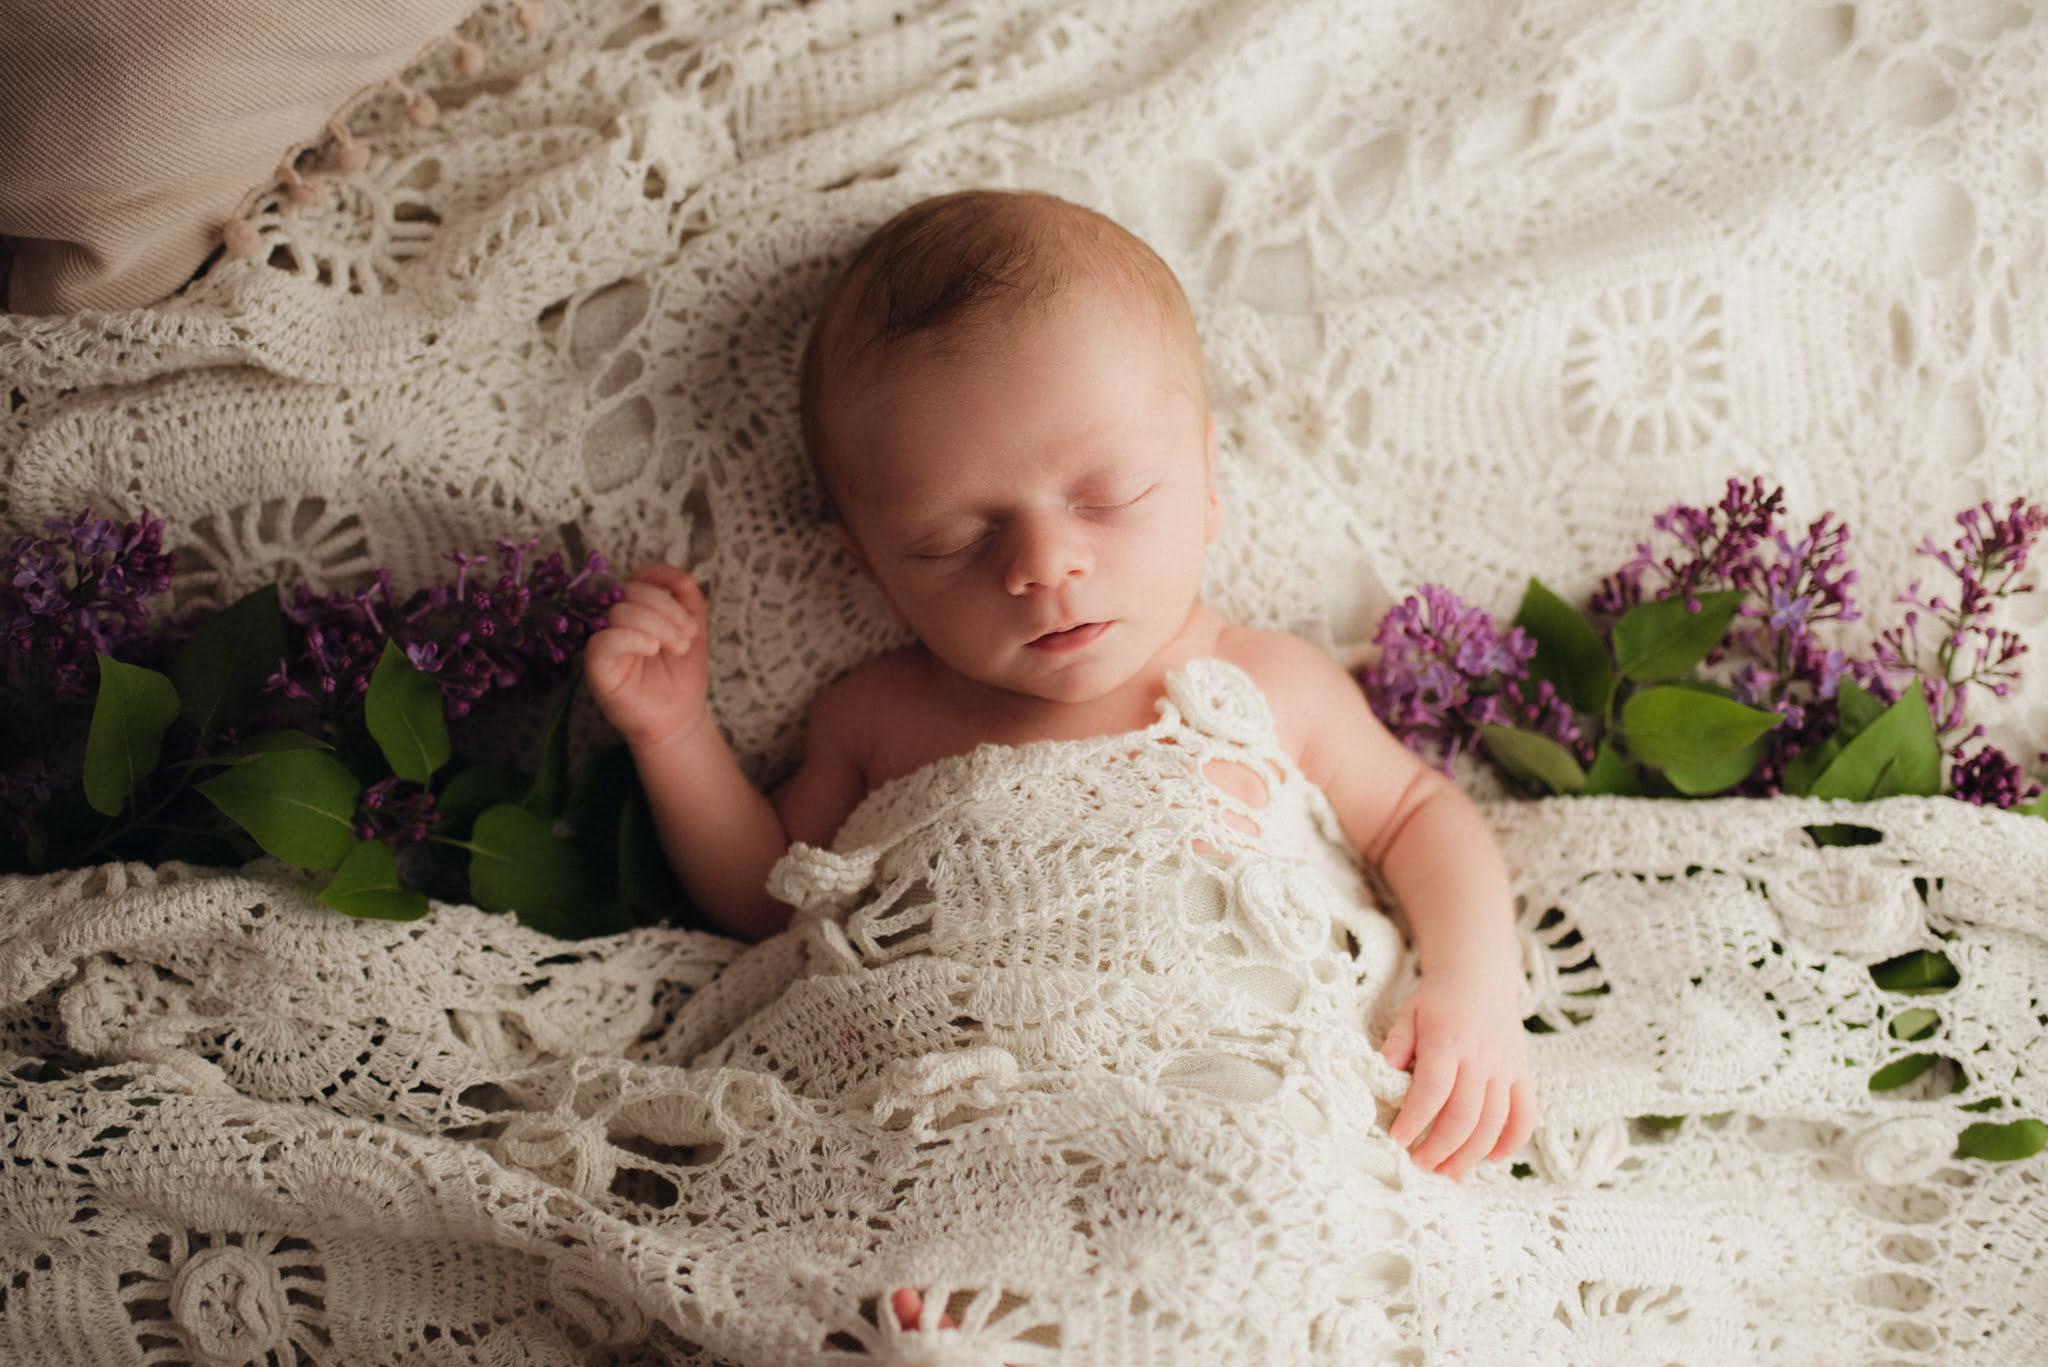 Nyföddfotografering Stockholm - Rill 3